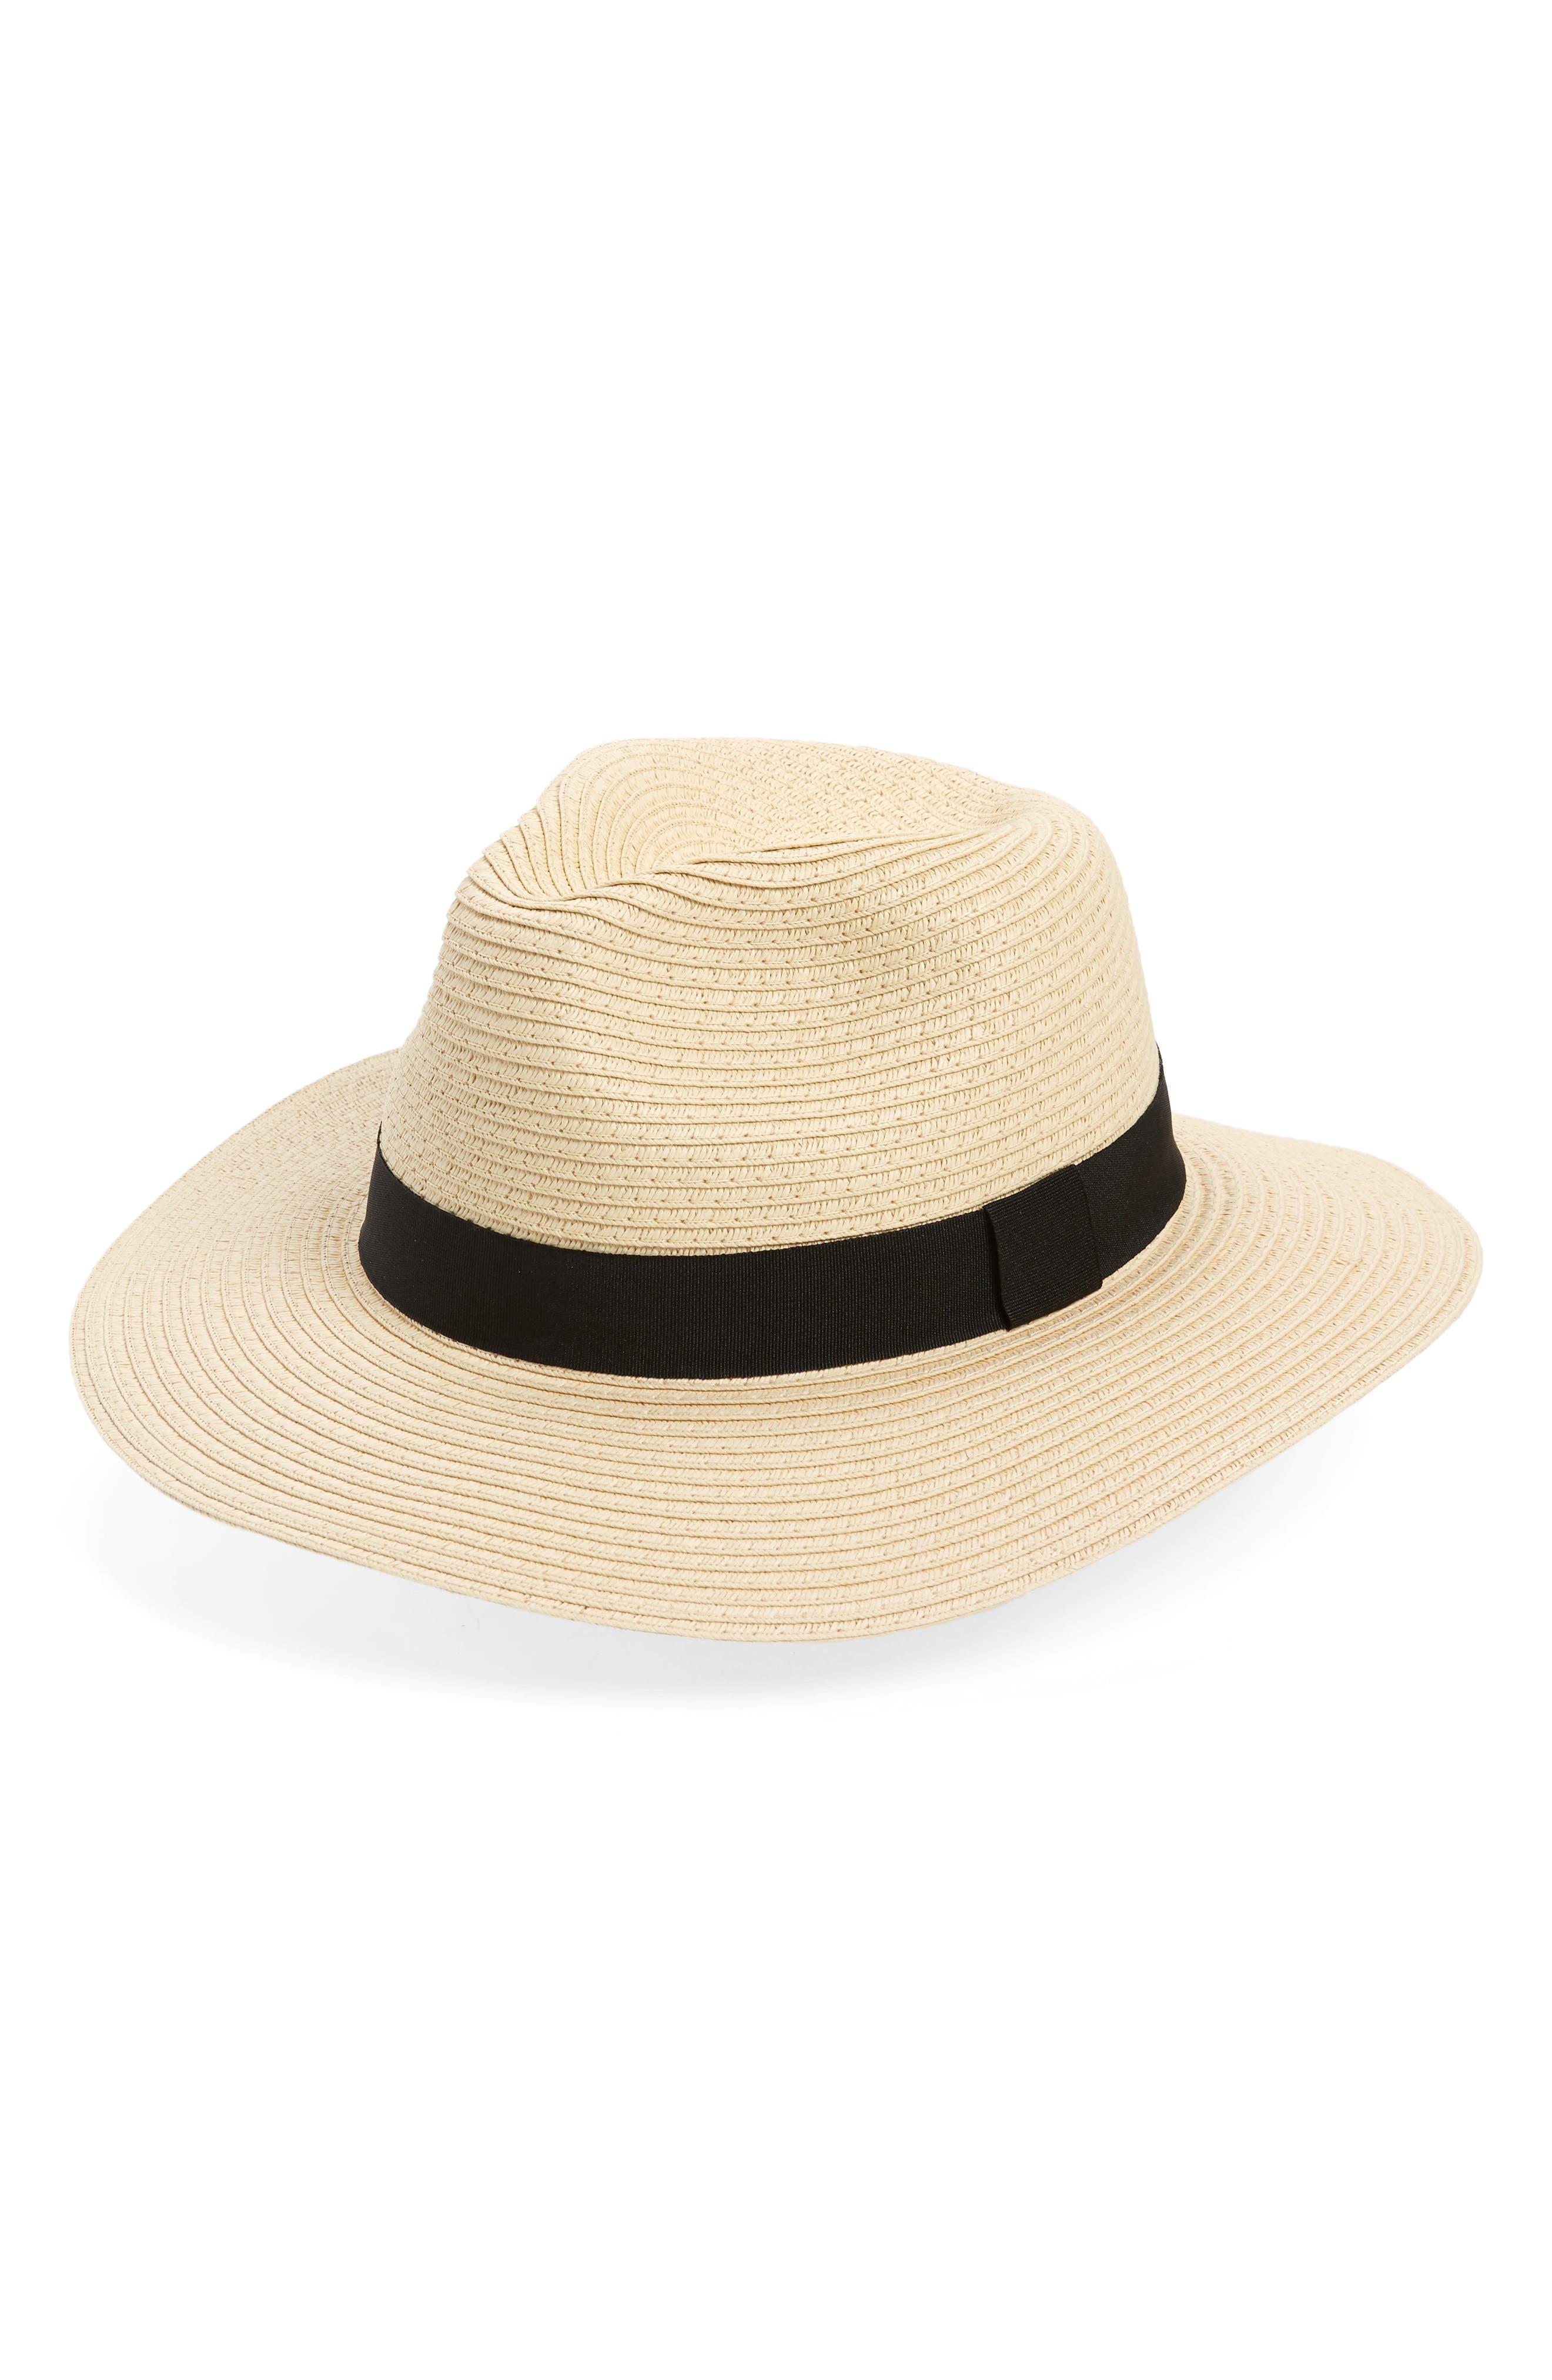 Straw Panama Hat,                             Main thumbnail 1, color,                             250